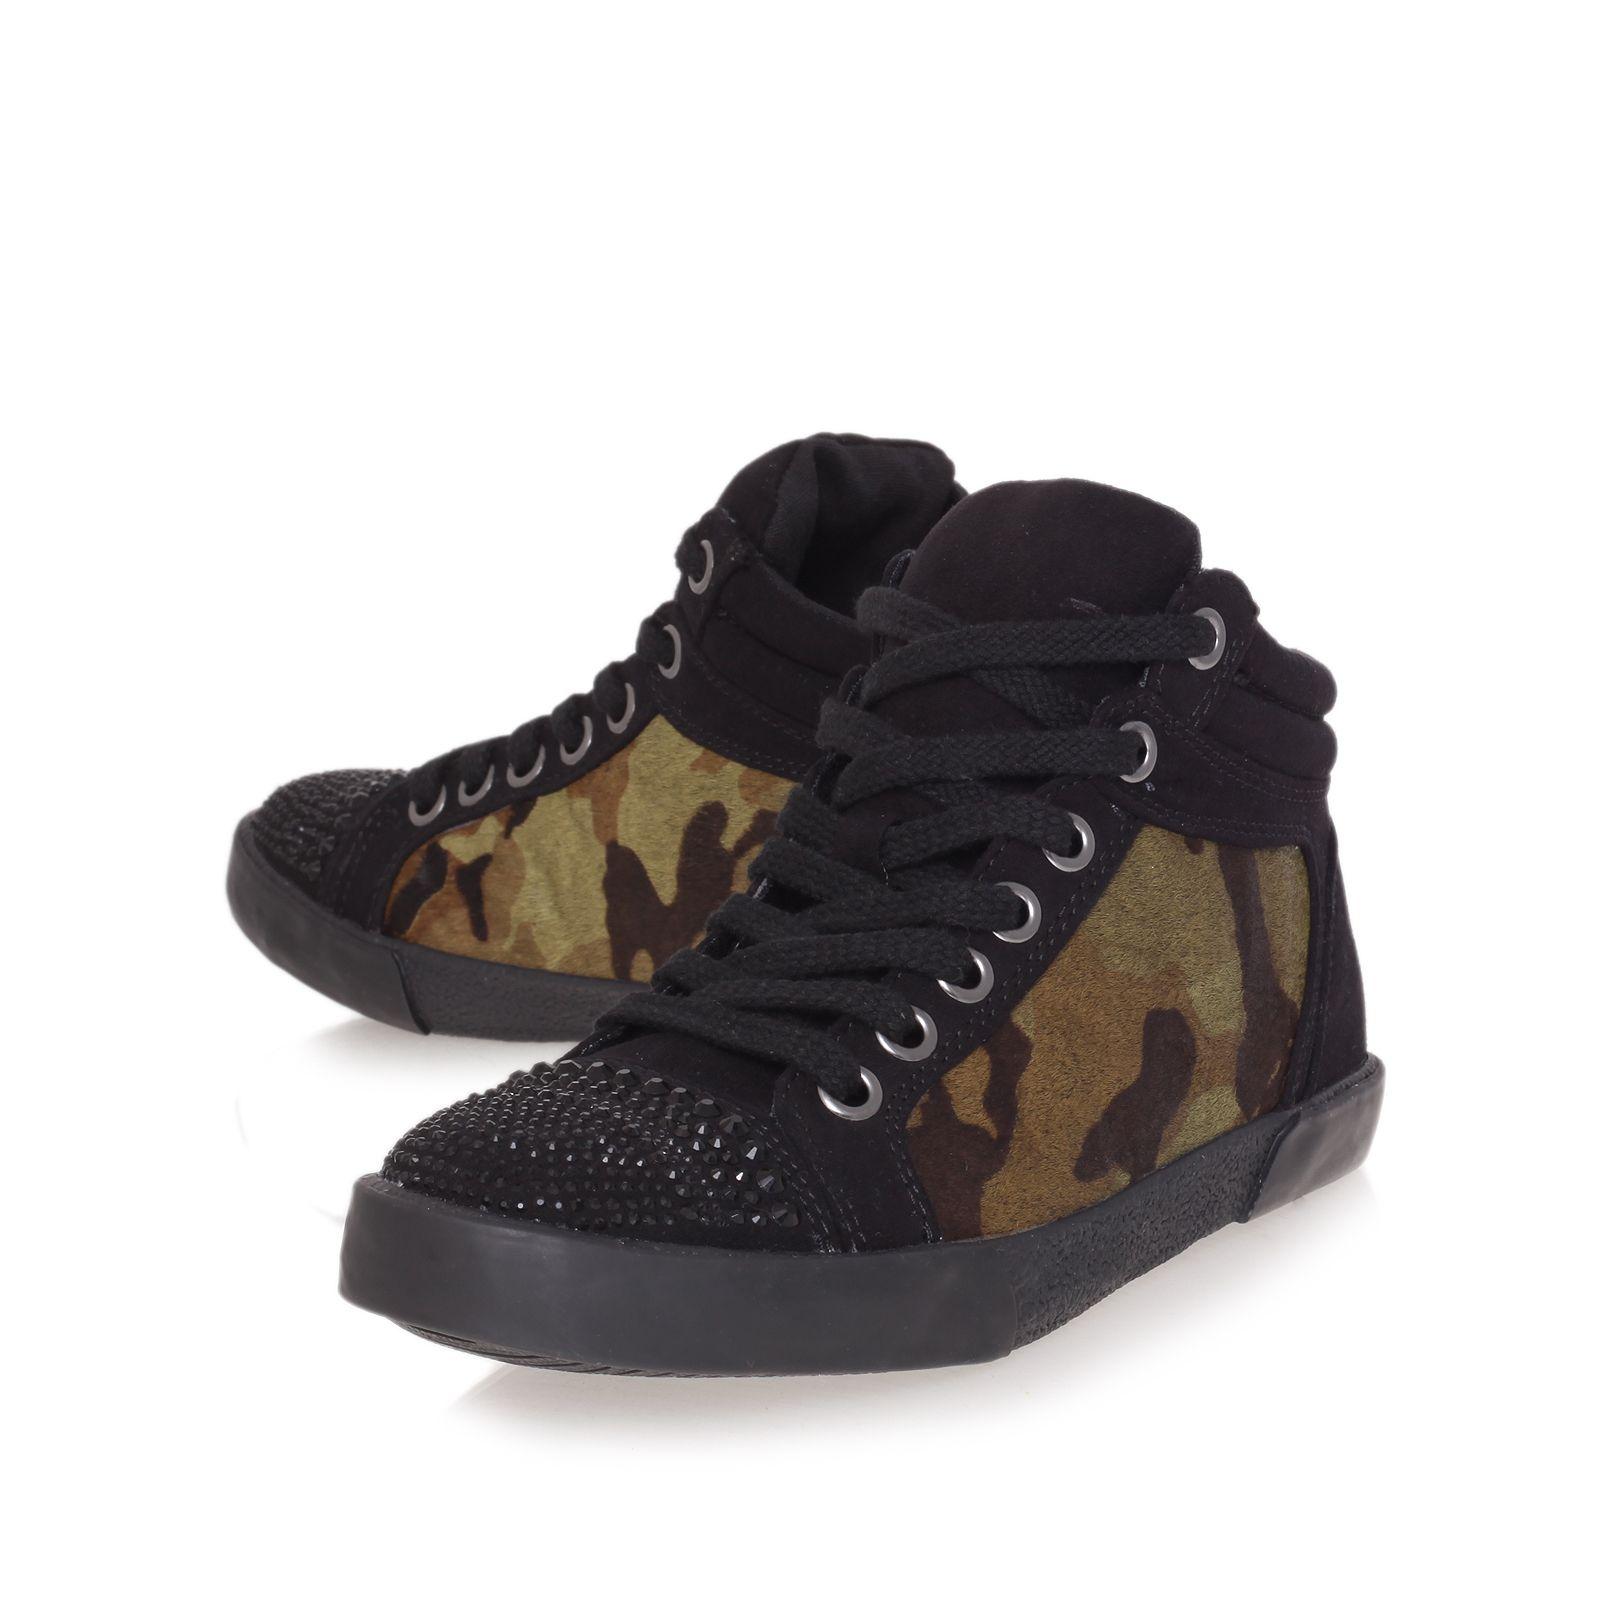 Carvela Kurt Geiger Laugh Trainer Shoes In Black For Men   Lyst